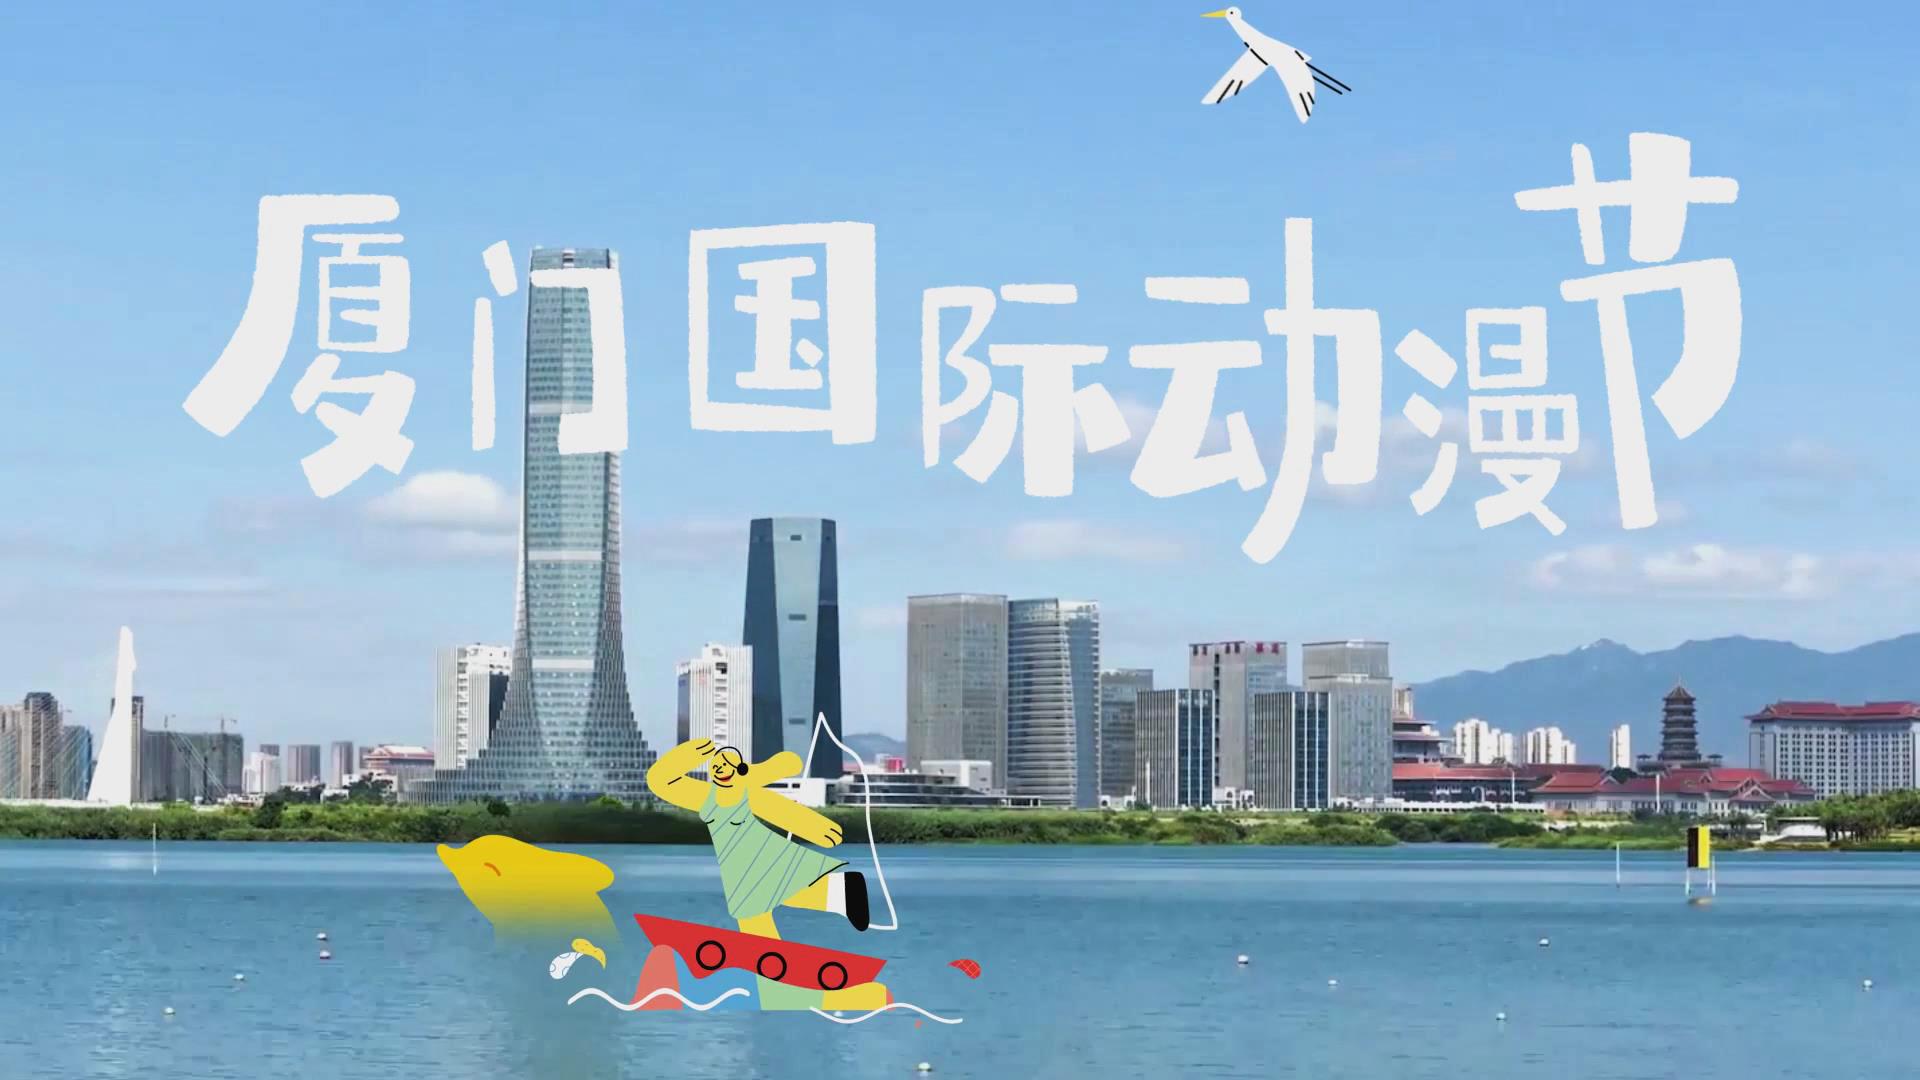 第十三届厦门国际动漫节明日启幕 共赴鹭岛动漫之约 业内 第1张